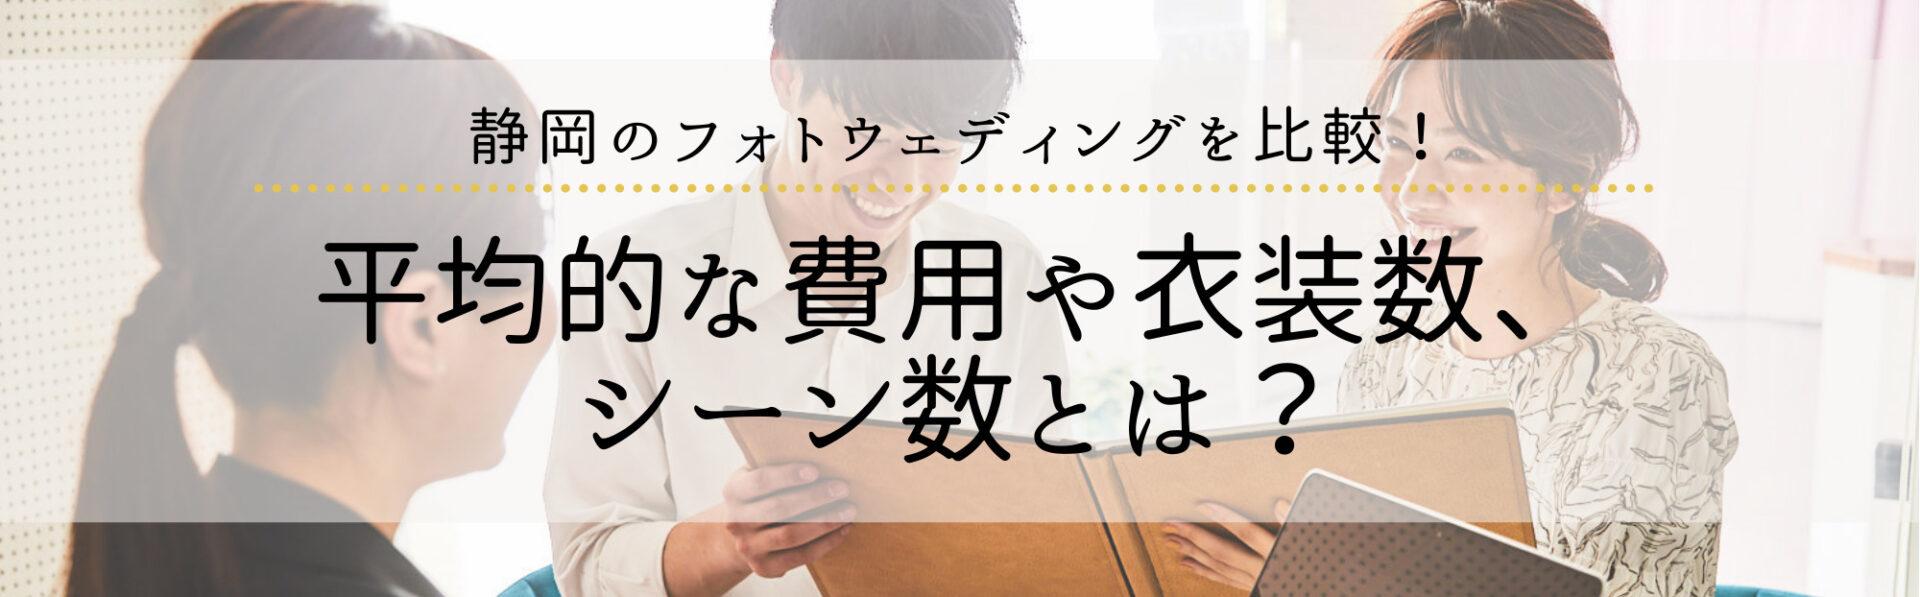 静岡のフォトウェディングを比較!-平均的な費用や衣装数、-シーン数とは?